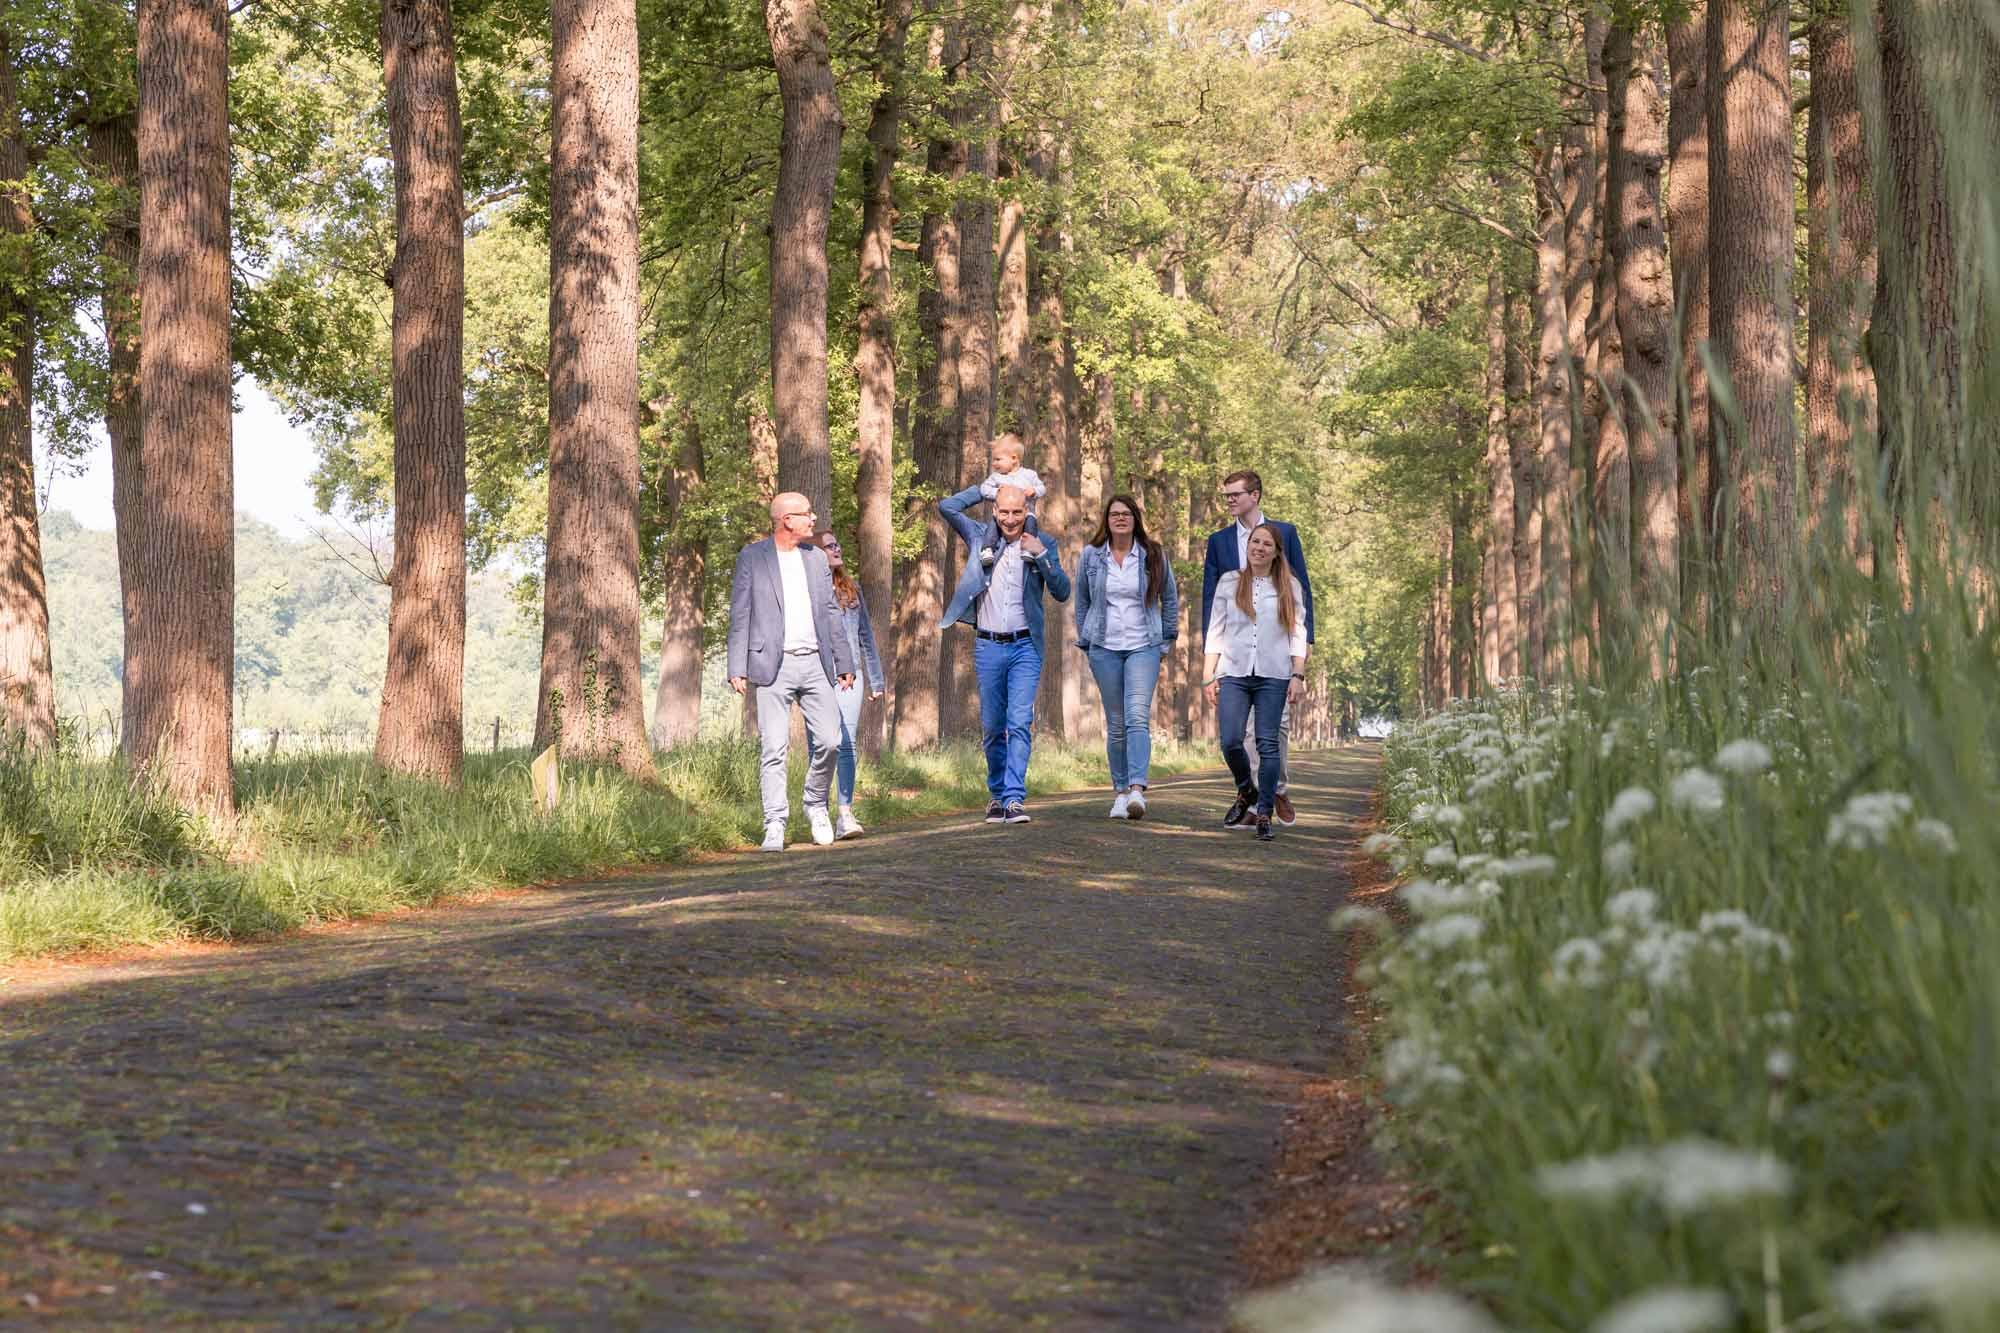 Gezinsfotograaf in Amersfoort, Nijkerk, Hoevelaken en omgeving, voor gezinsreportage. Gezinsfotoshoot door Mayra Fotografie. Fotoshoot bij Oldenaller te Putten